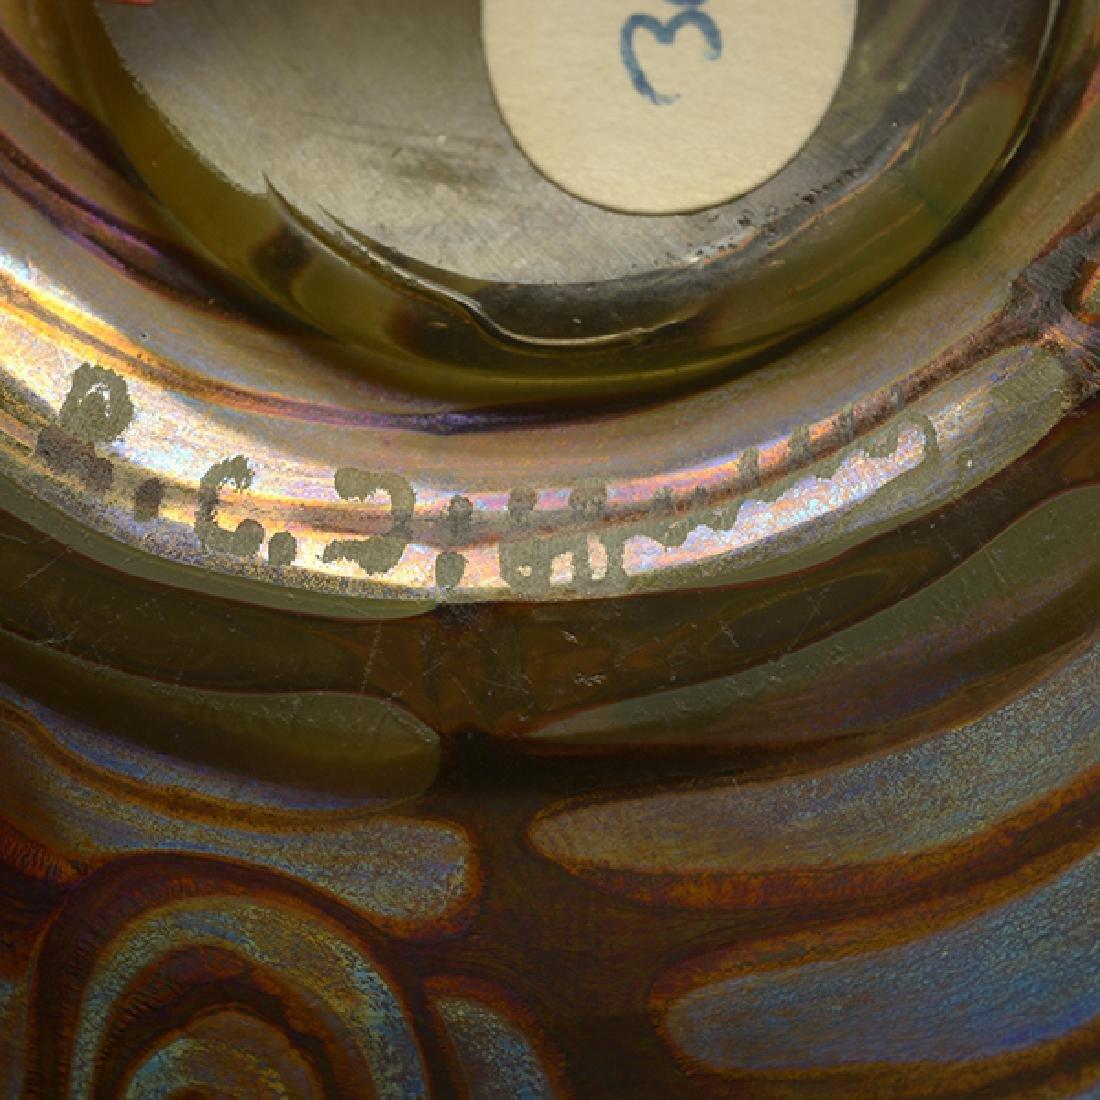 Tiffany Studios Favrile Vase - 9